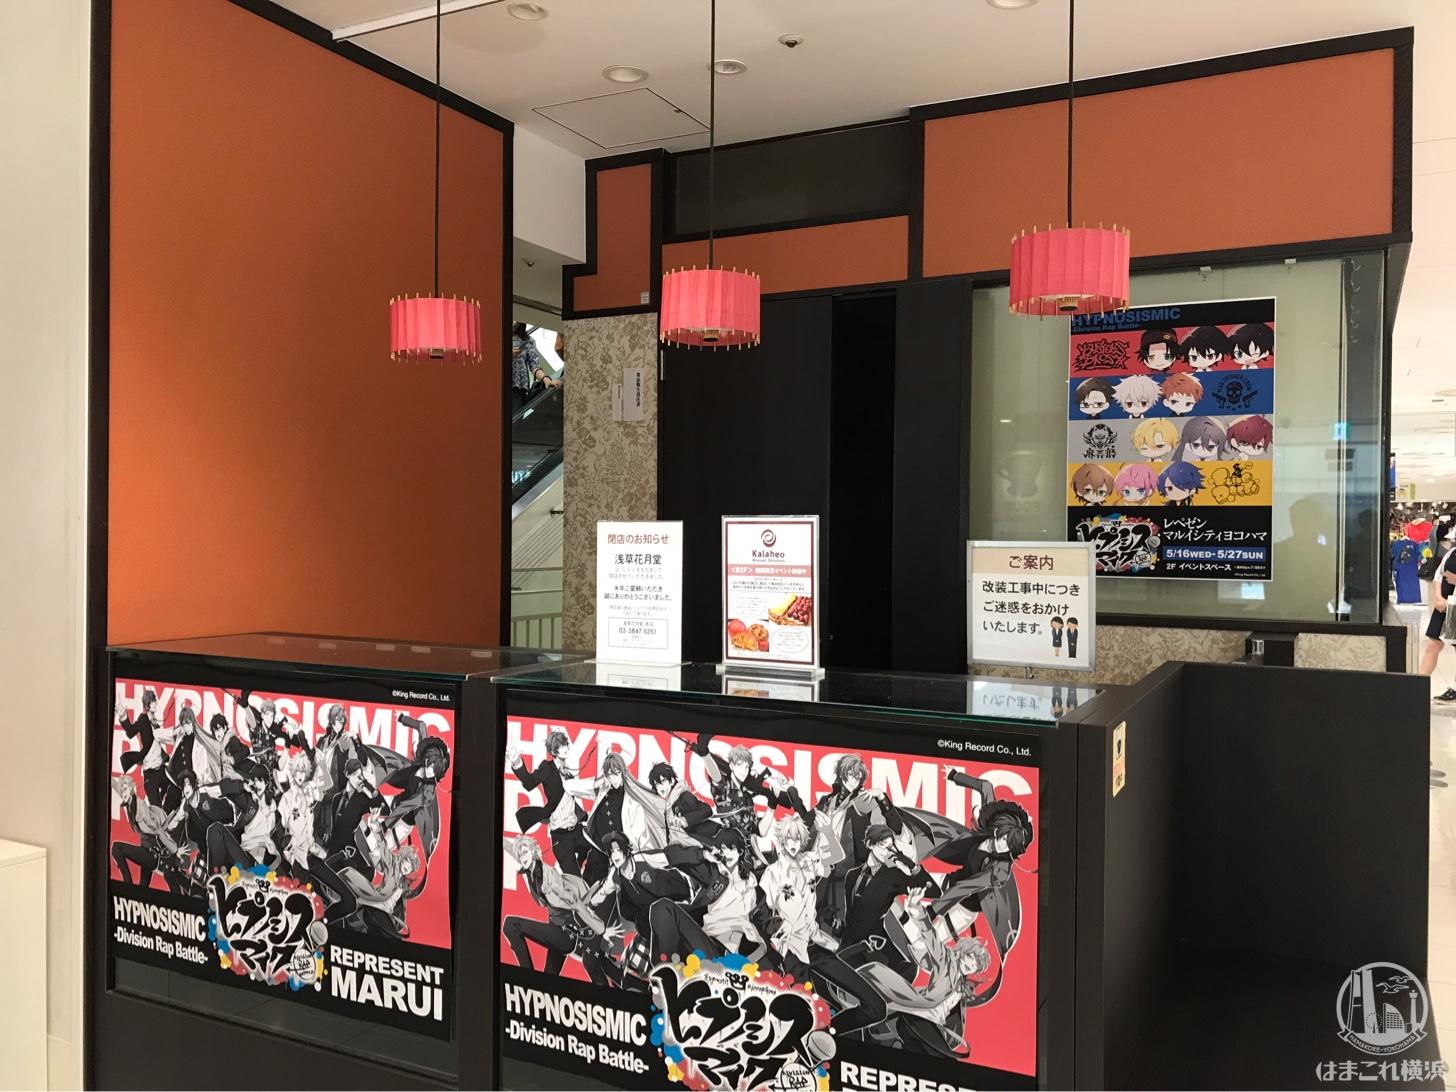 [悲報] 浅草花月堂 横浜店が閉店!浅草の行列ができる大人気メロンパン店